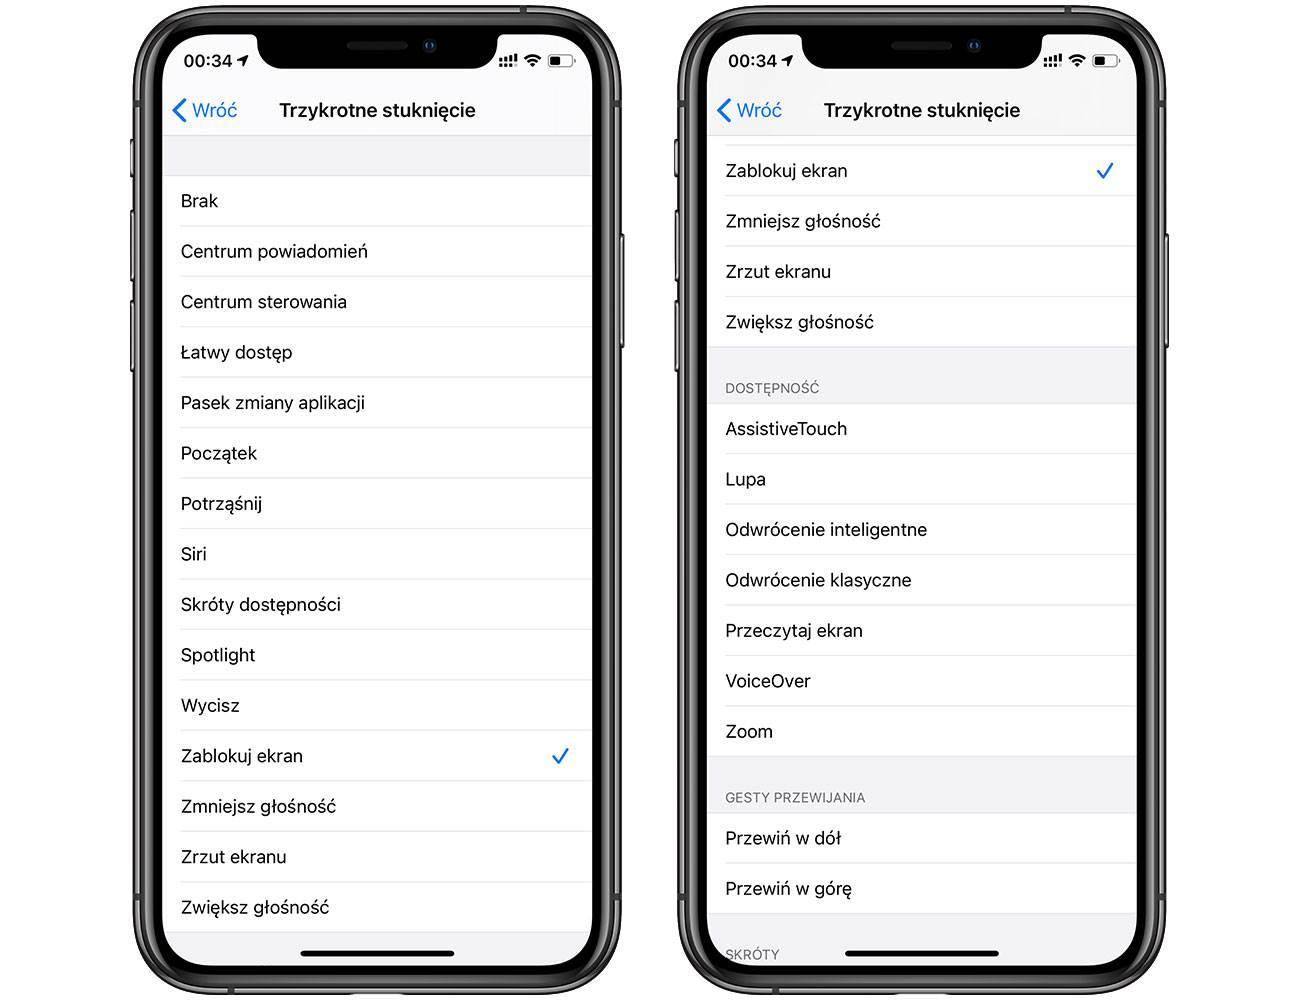 Stuknięcie w tył - magiczna funkcja w iOS 14, którą musisz znać! polecane, ciekawostki Wideo, stuknij w tył, stukniecie w tyl, stukanie w iPhone, podwojne pukniecie w tyl iPhone, jak dziala, iPhone, iOS 14, funkcja stukniecia w tyl iPhone  Stuknięcie w tył, to funkcja o której już pisaliśmy, ale jest ona na tyle fajna, że teraz po wydaniu iOS 14 musimy o niej obowiązkowo wspomnieć kolejny raz. dotyk 2